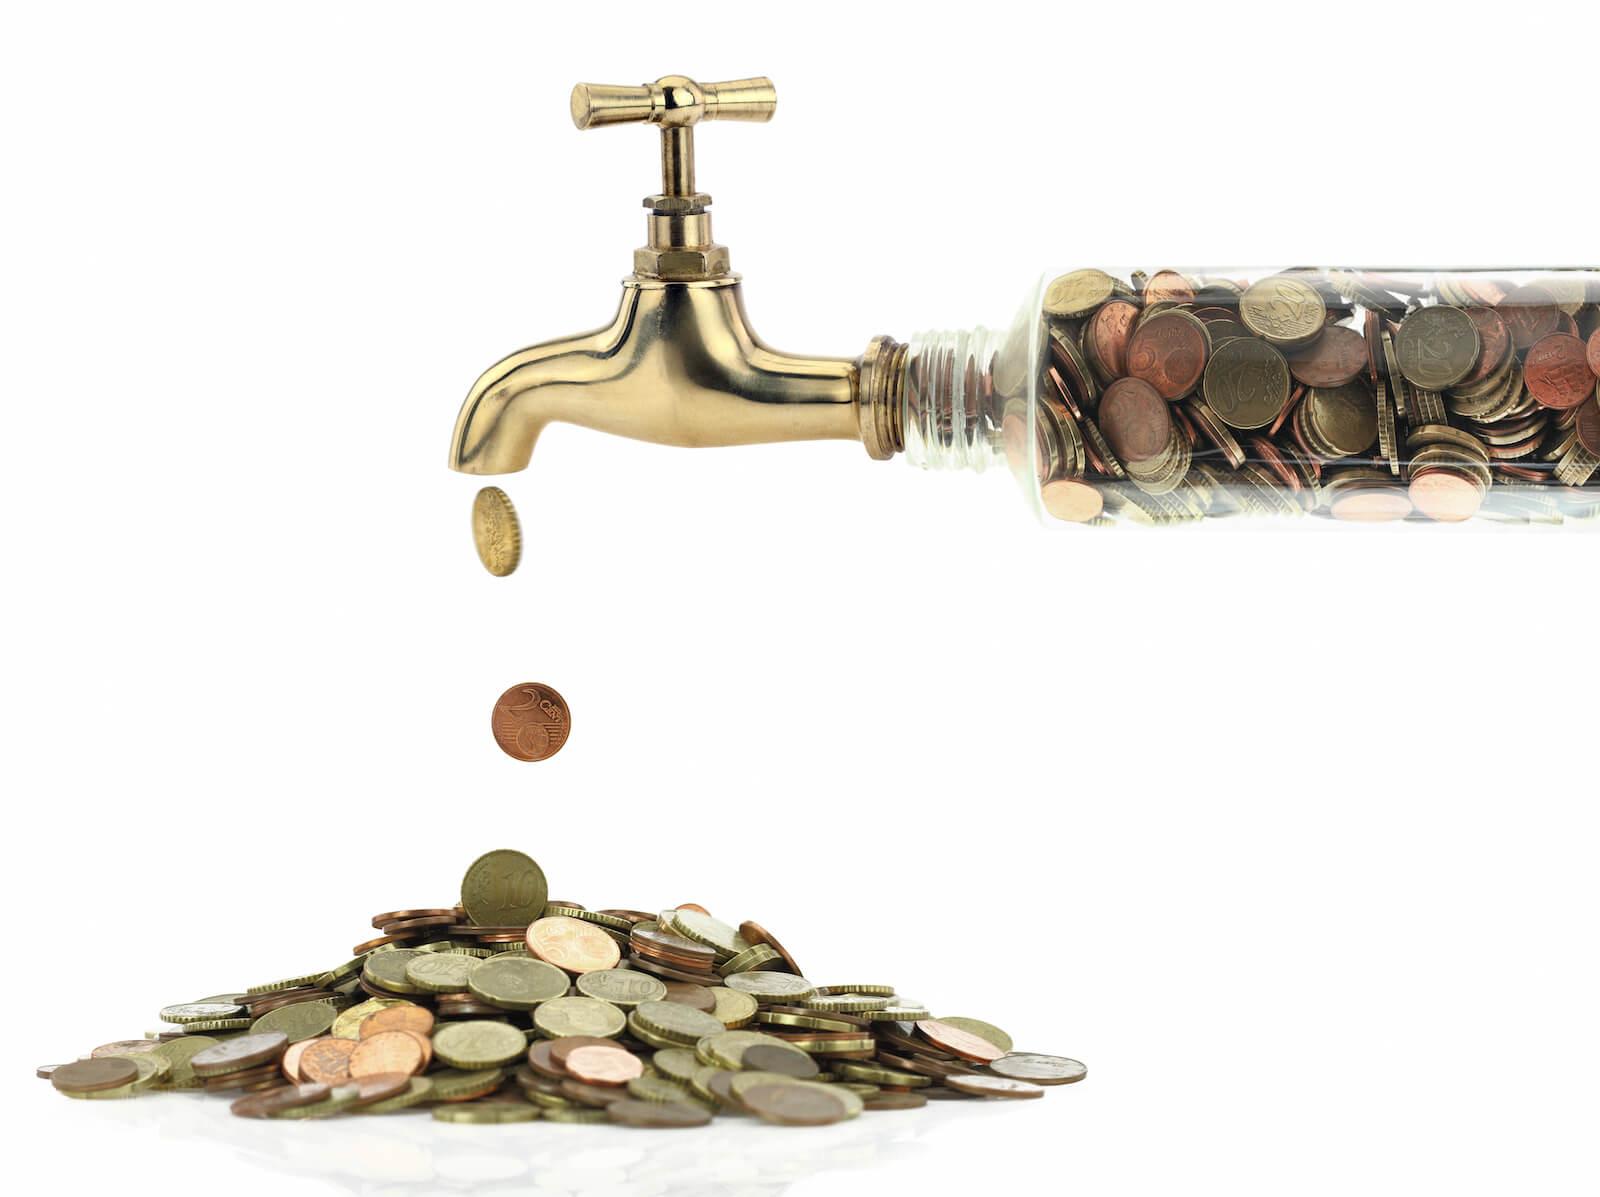 Comptoir des tuileries : Tout ce qu'il faut savoir sur l'achat d'or et d'argent physique, ce que je vous conseille